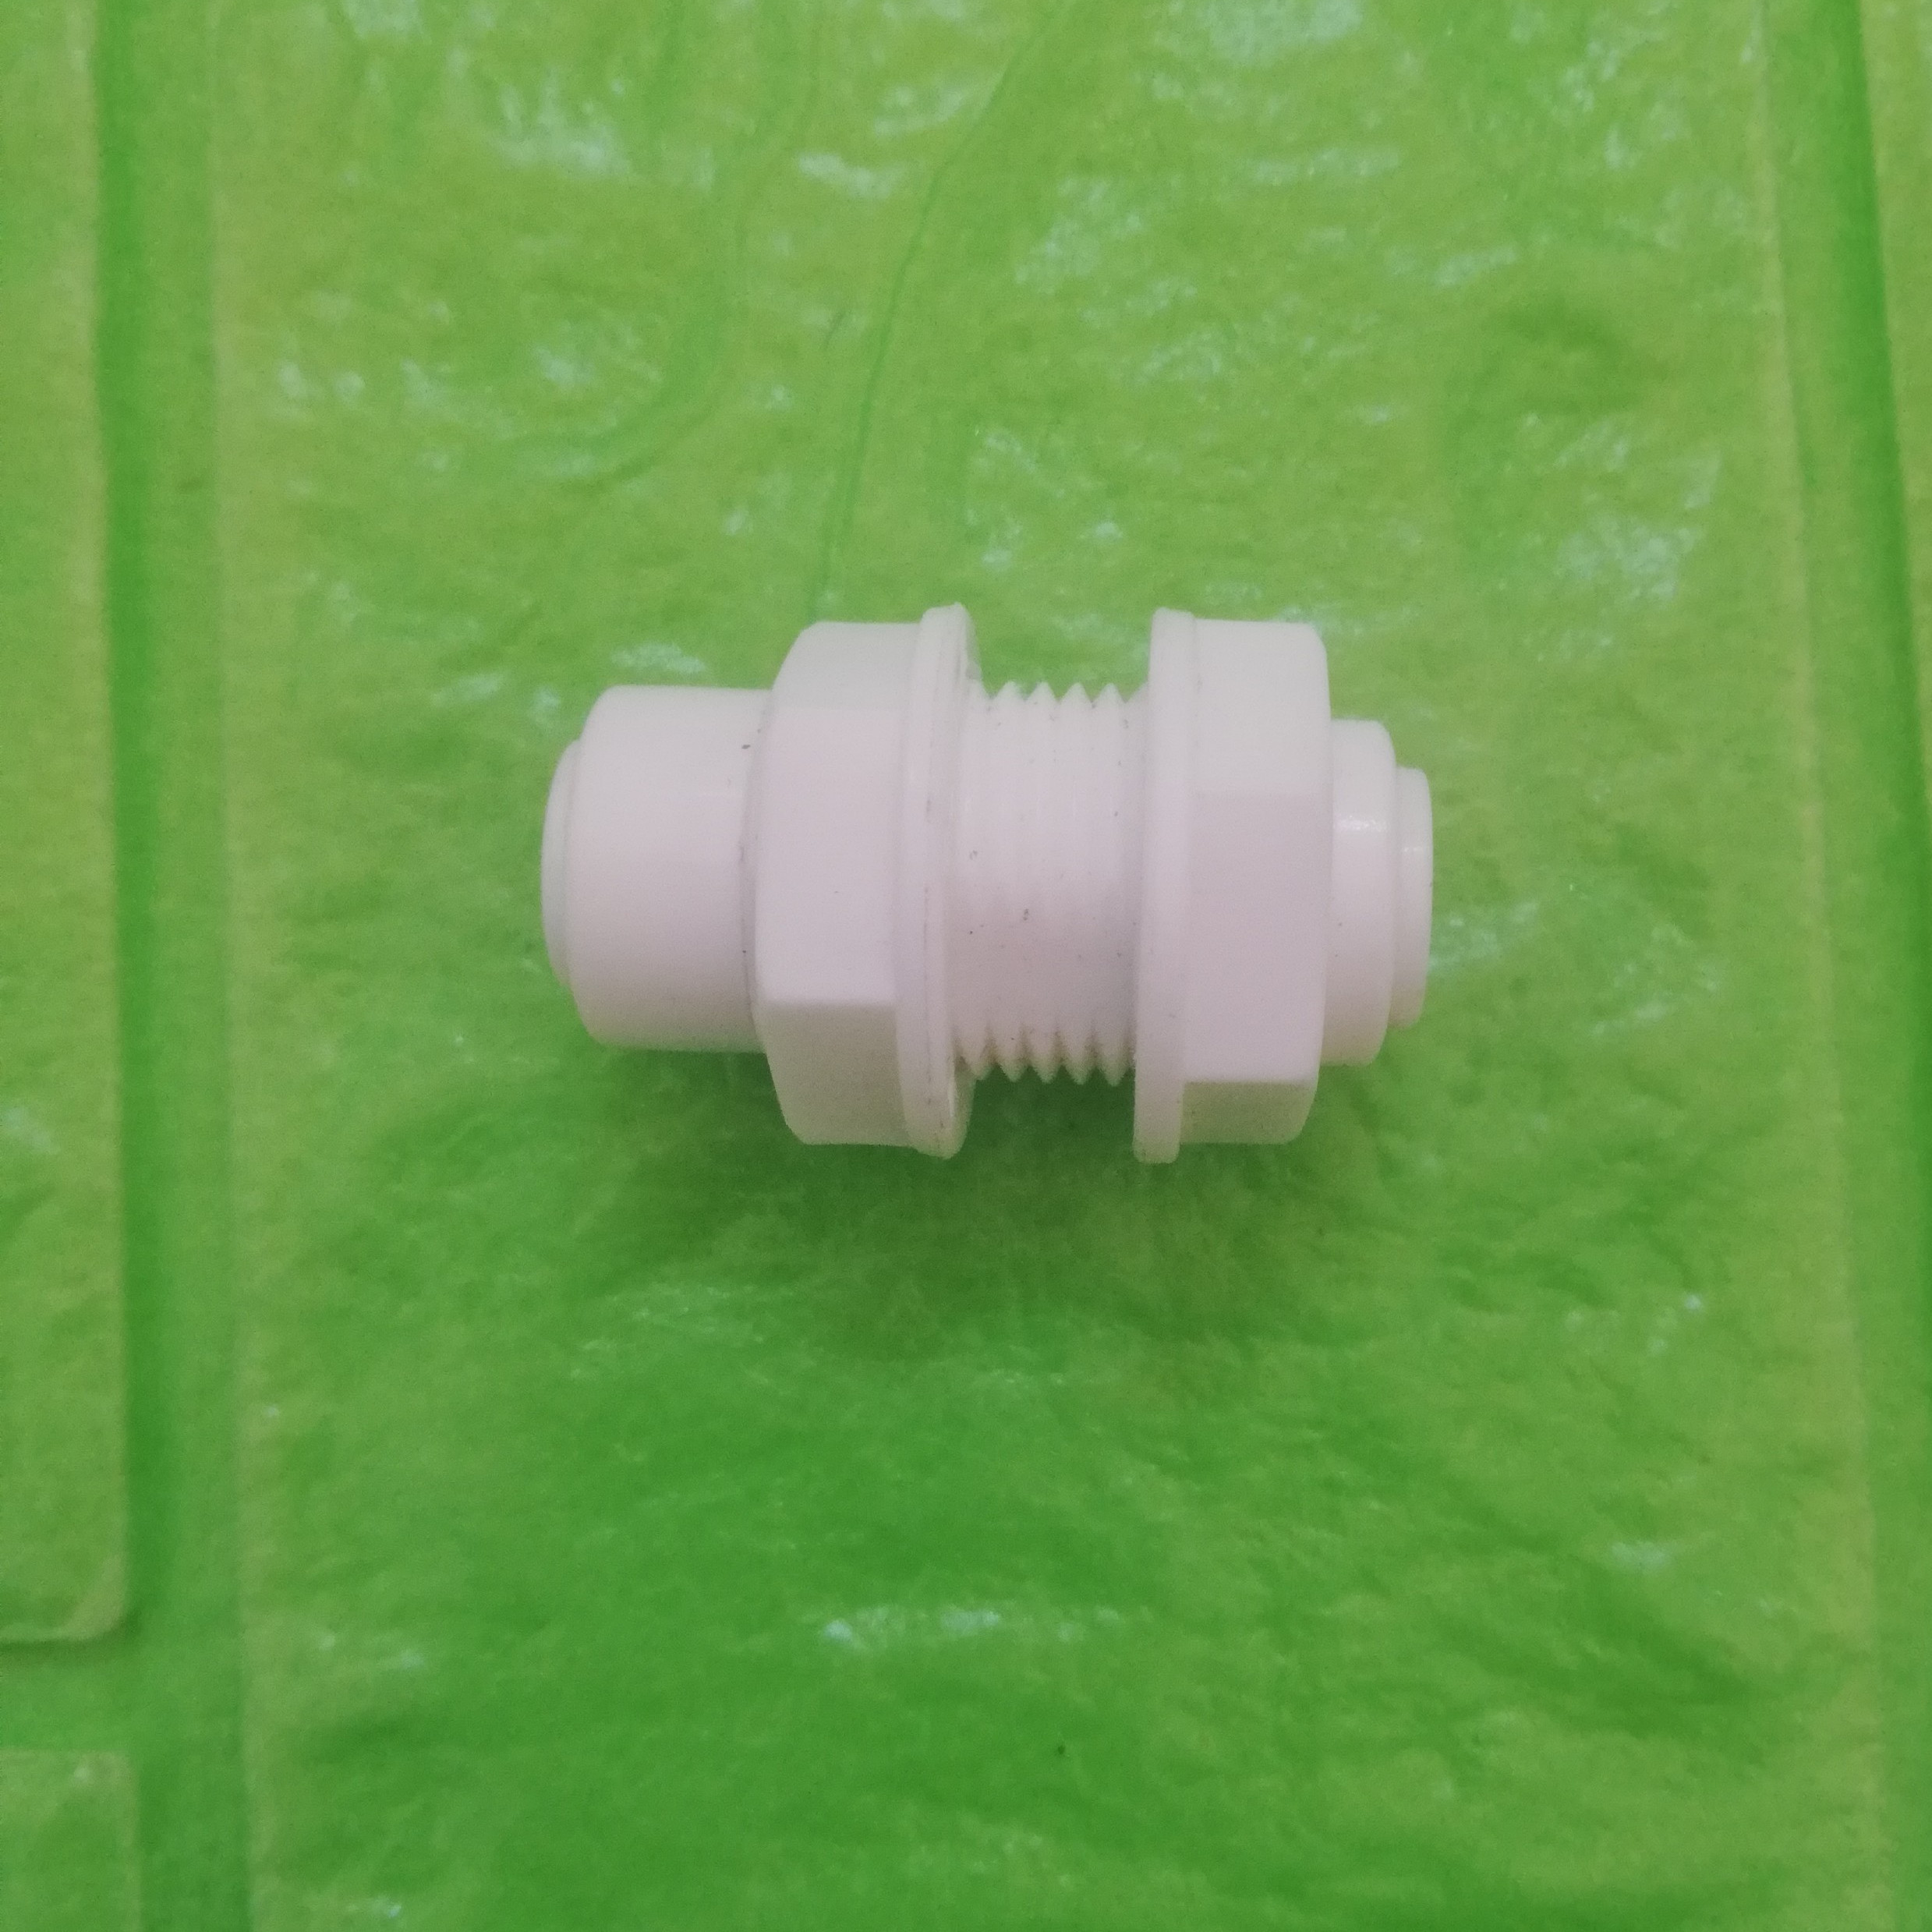 Nút cấp ren dây 6 máy lọc nước nóng lạnh - Chính hãng